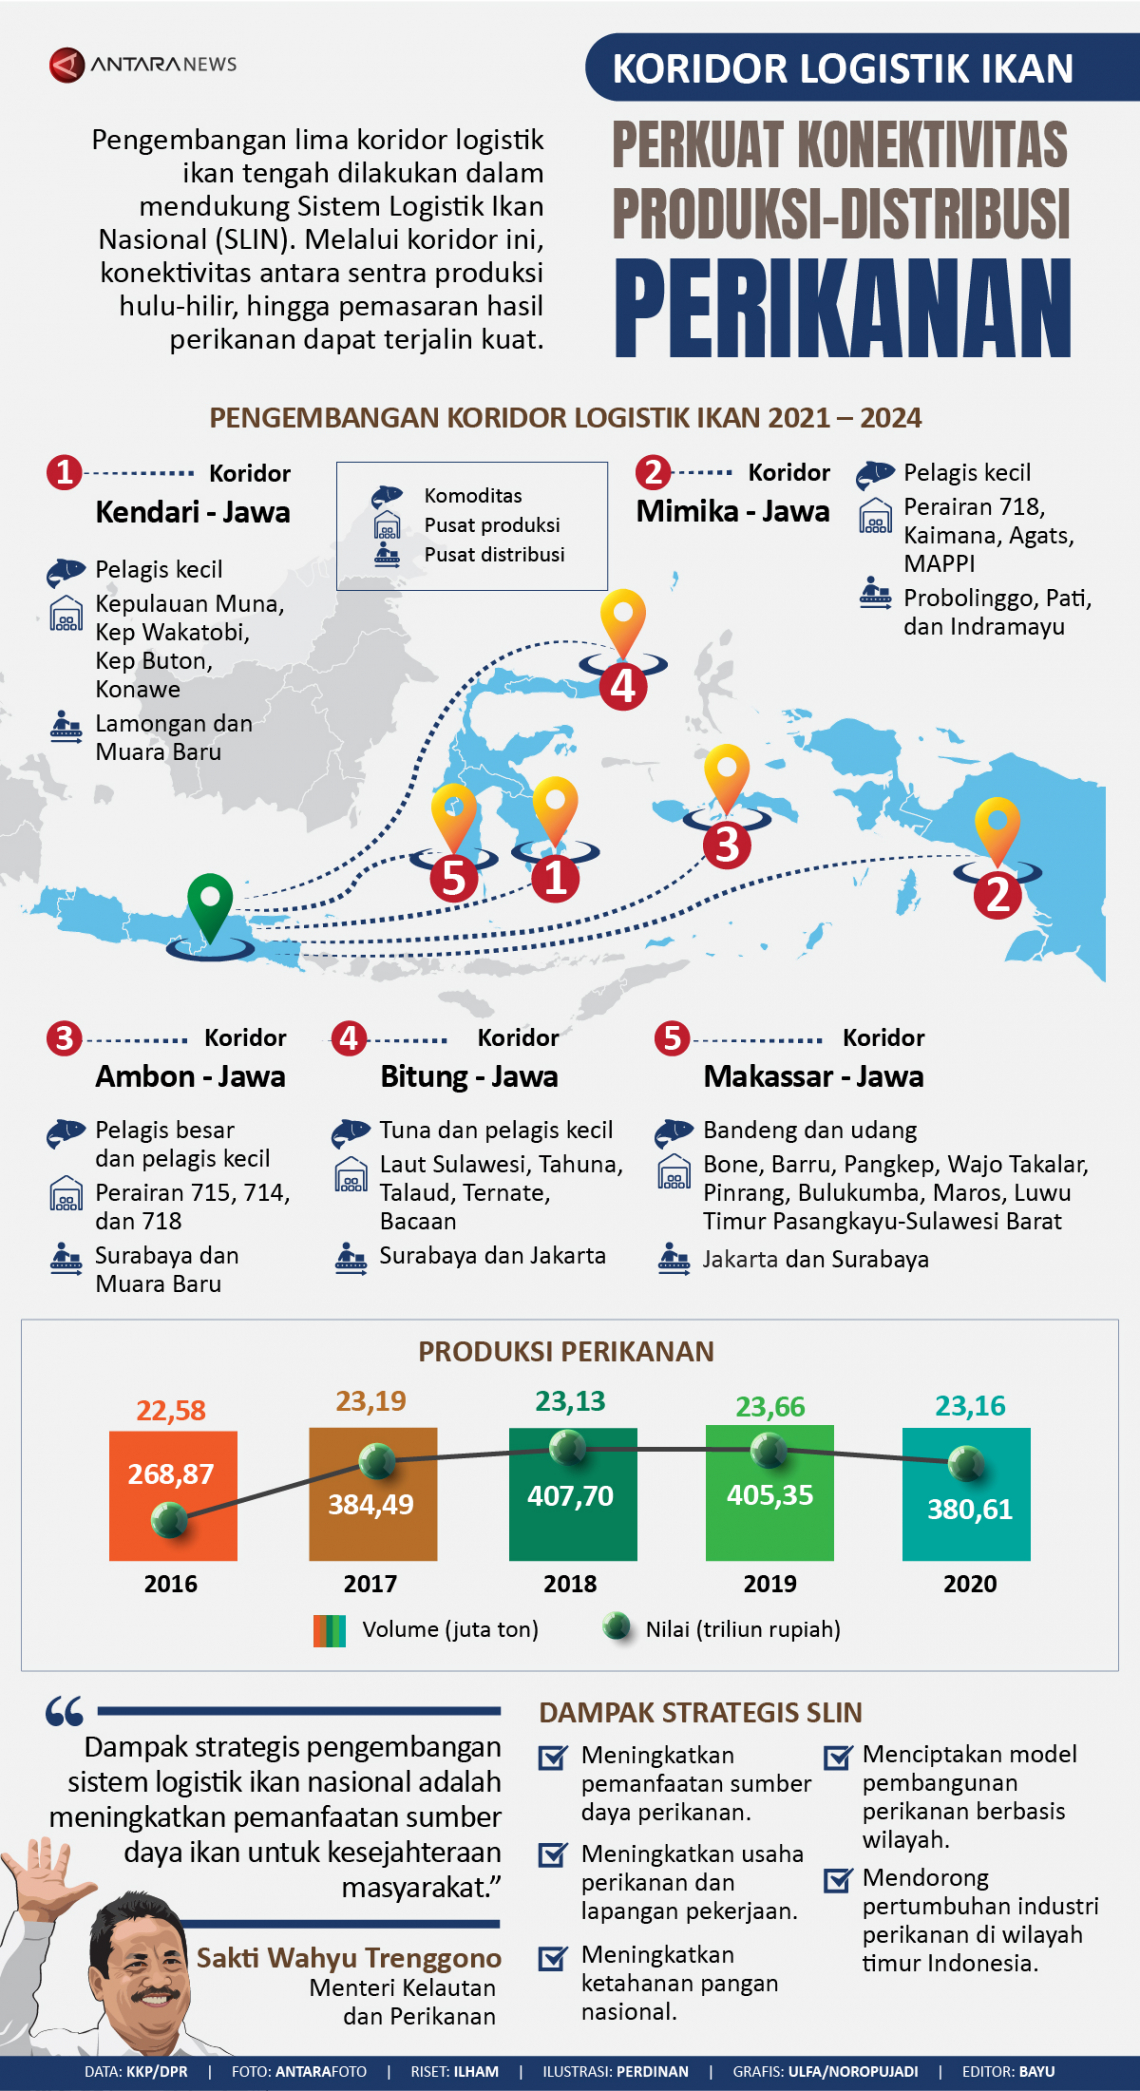 Koridor logistik ikan perkuat konektivitas produksi-distribusi perikanan